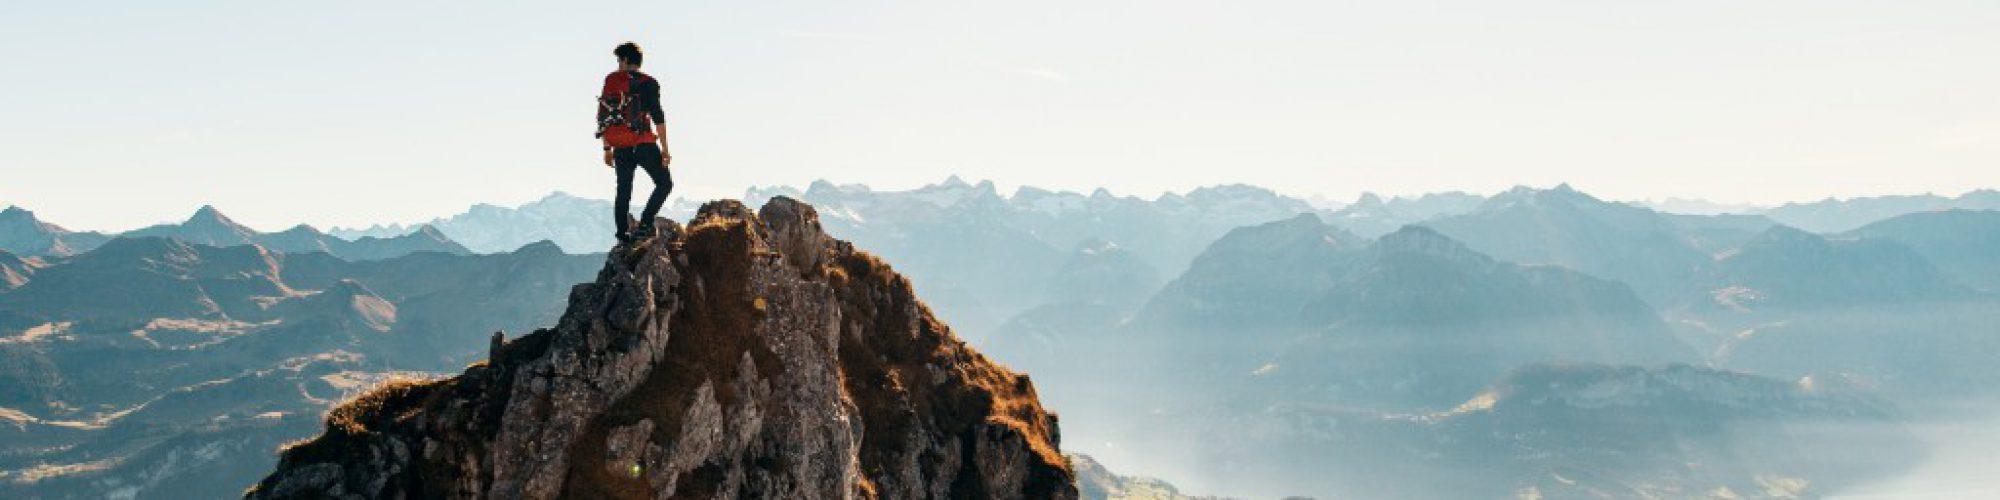 Coaching - din väg mot toppen